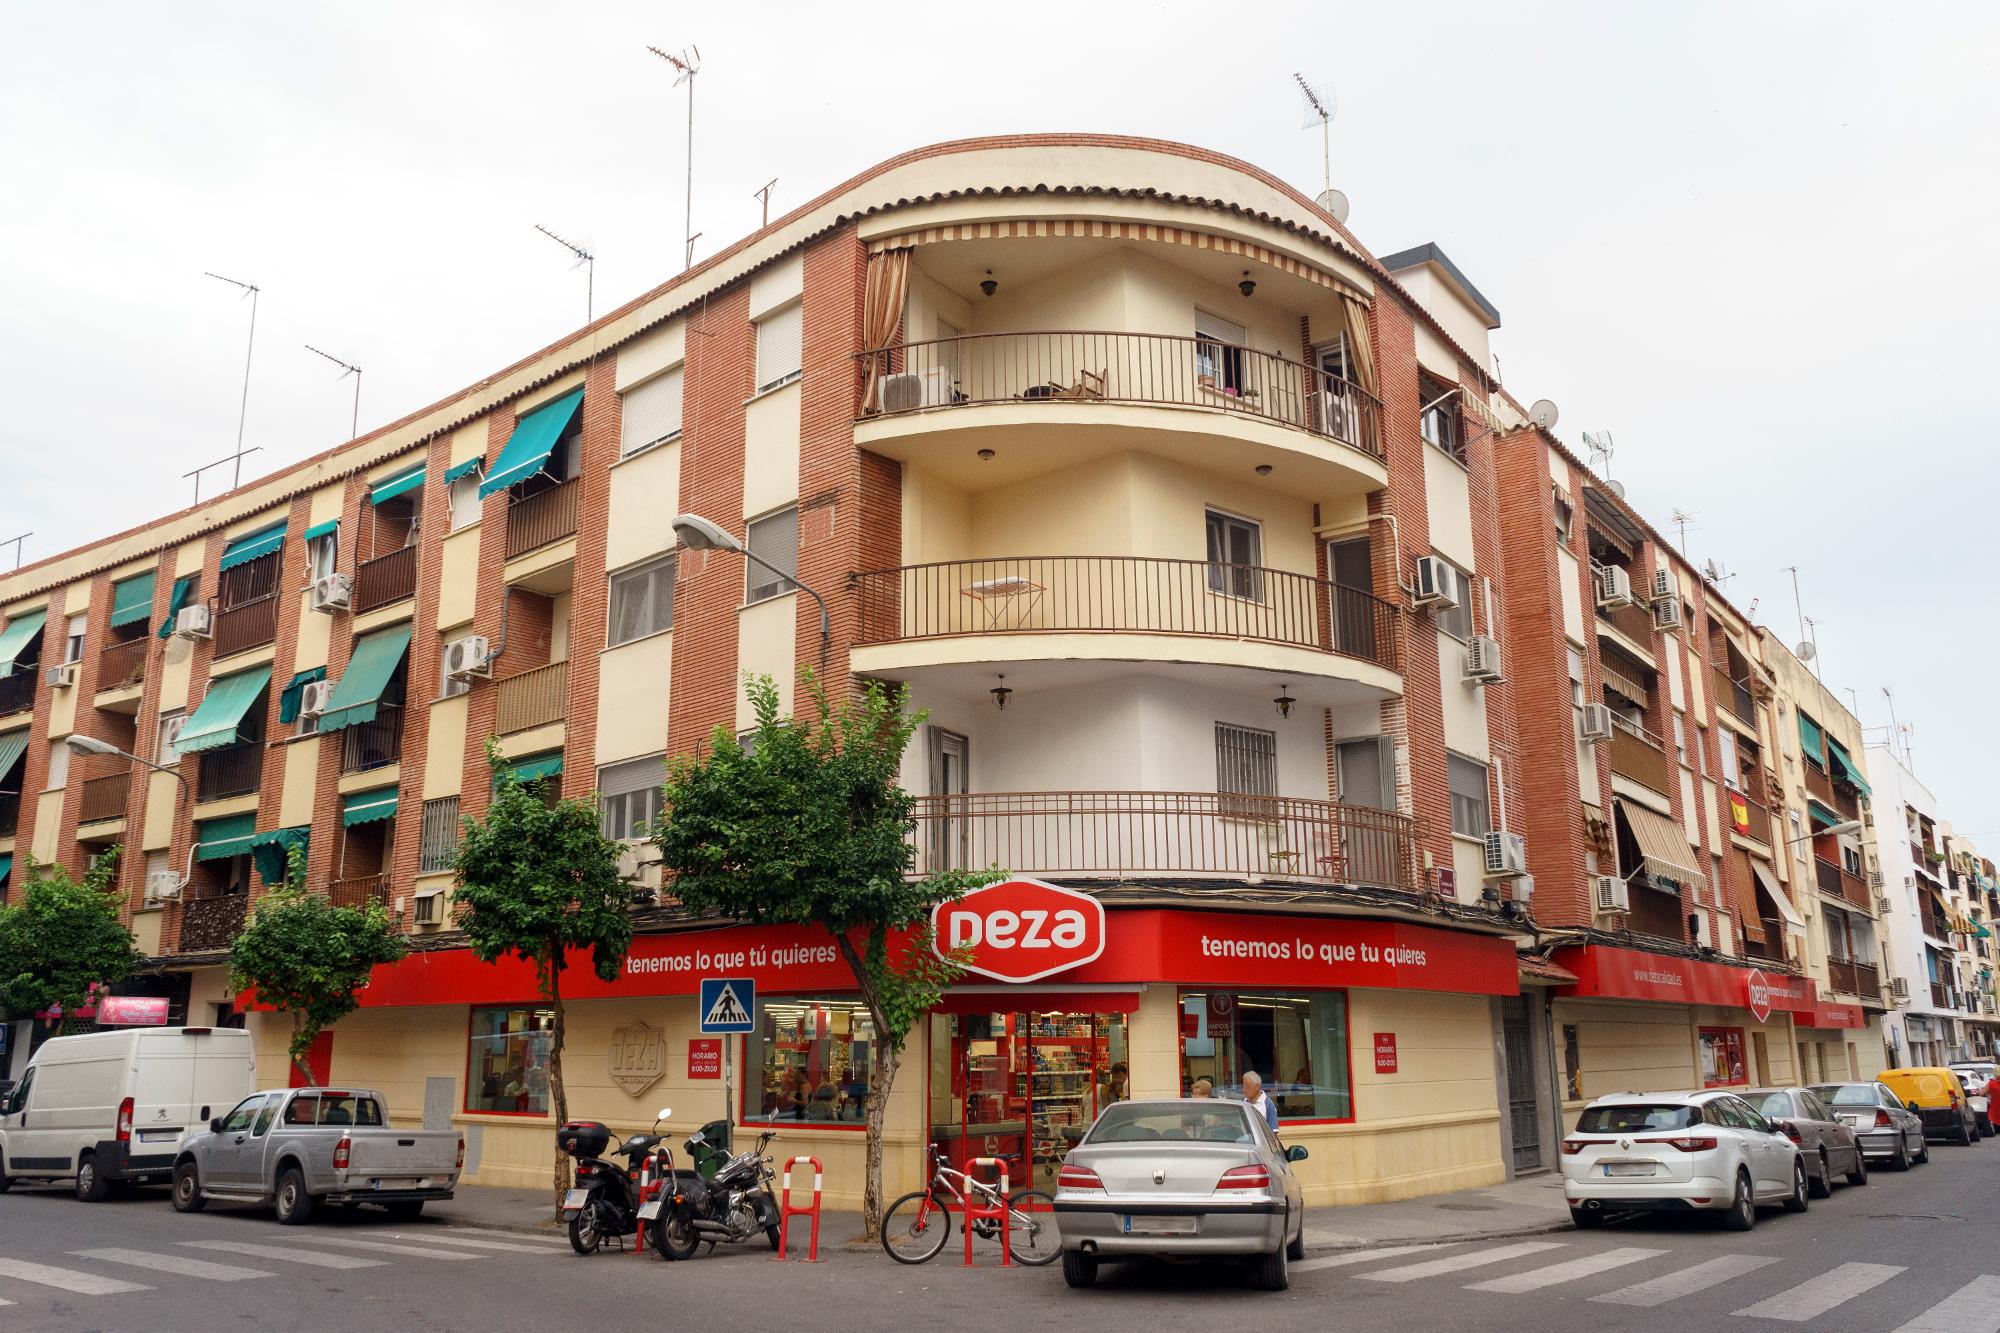 Rotulo_Entrada_Calle_Camino_de_la_Barca